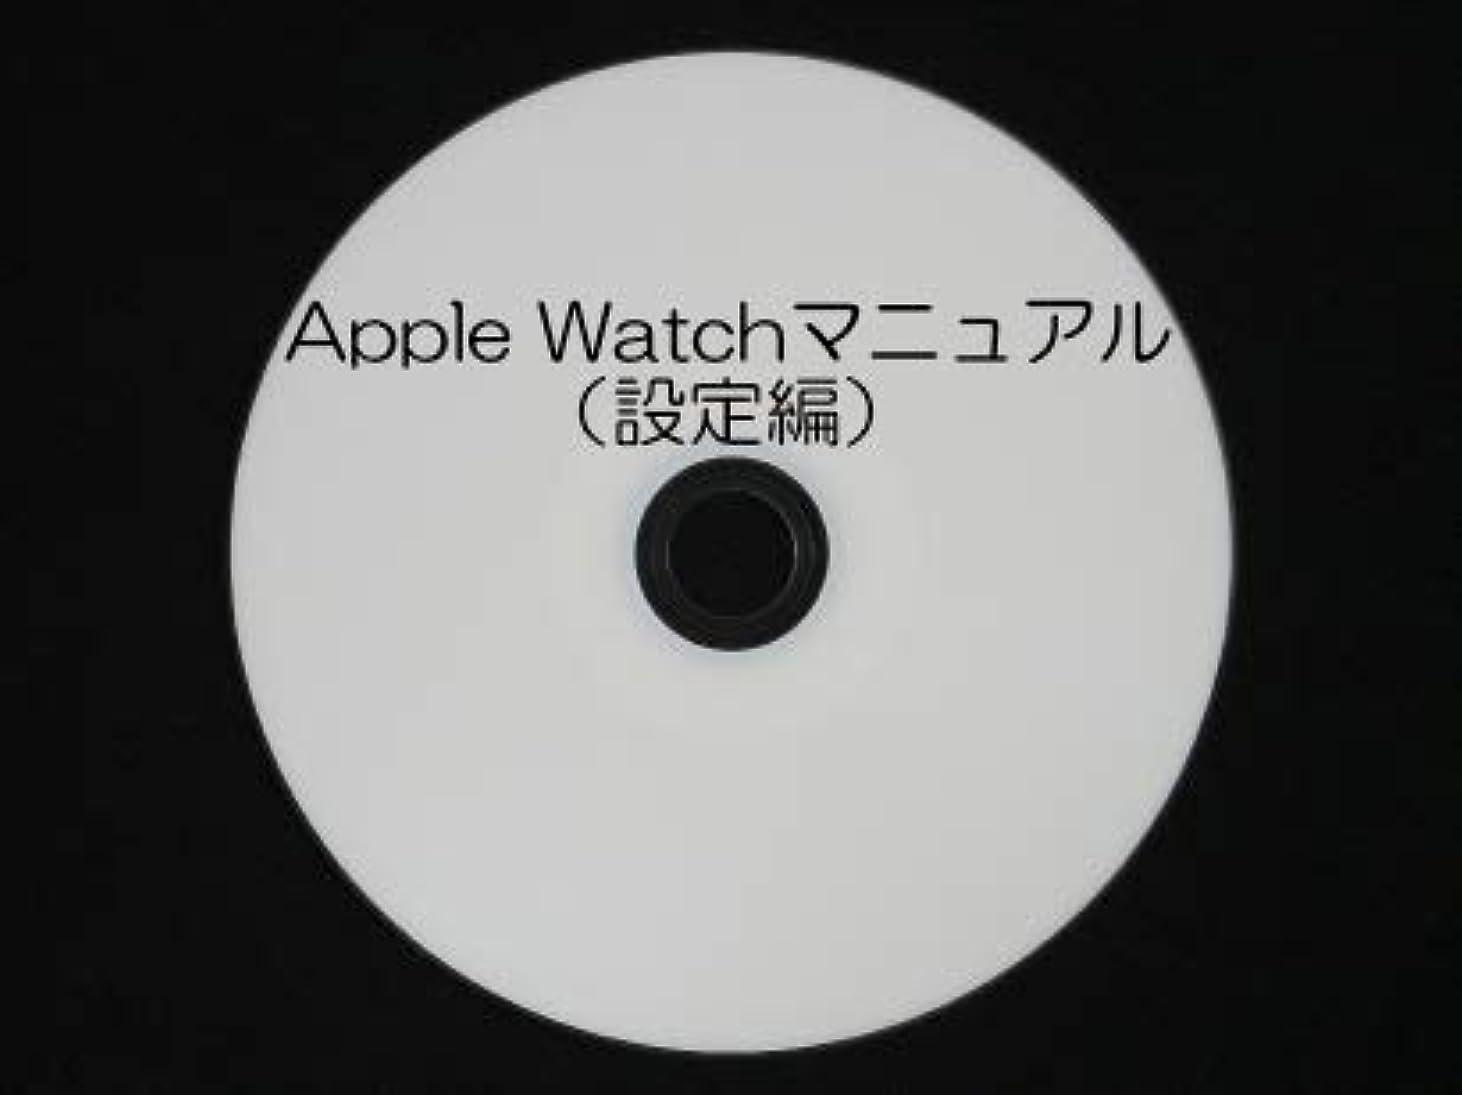 船形広範囲に十分ですApple Watch マニュアル(設定編) DVD版